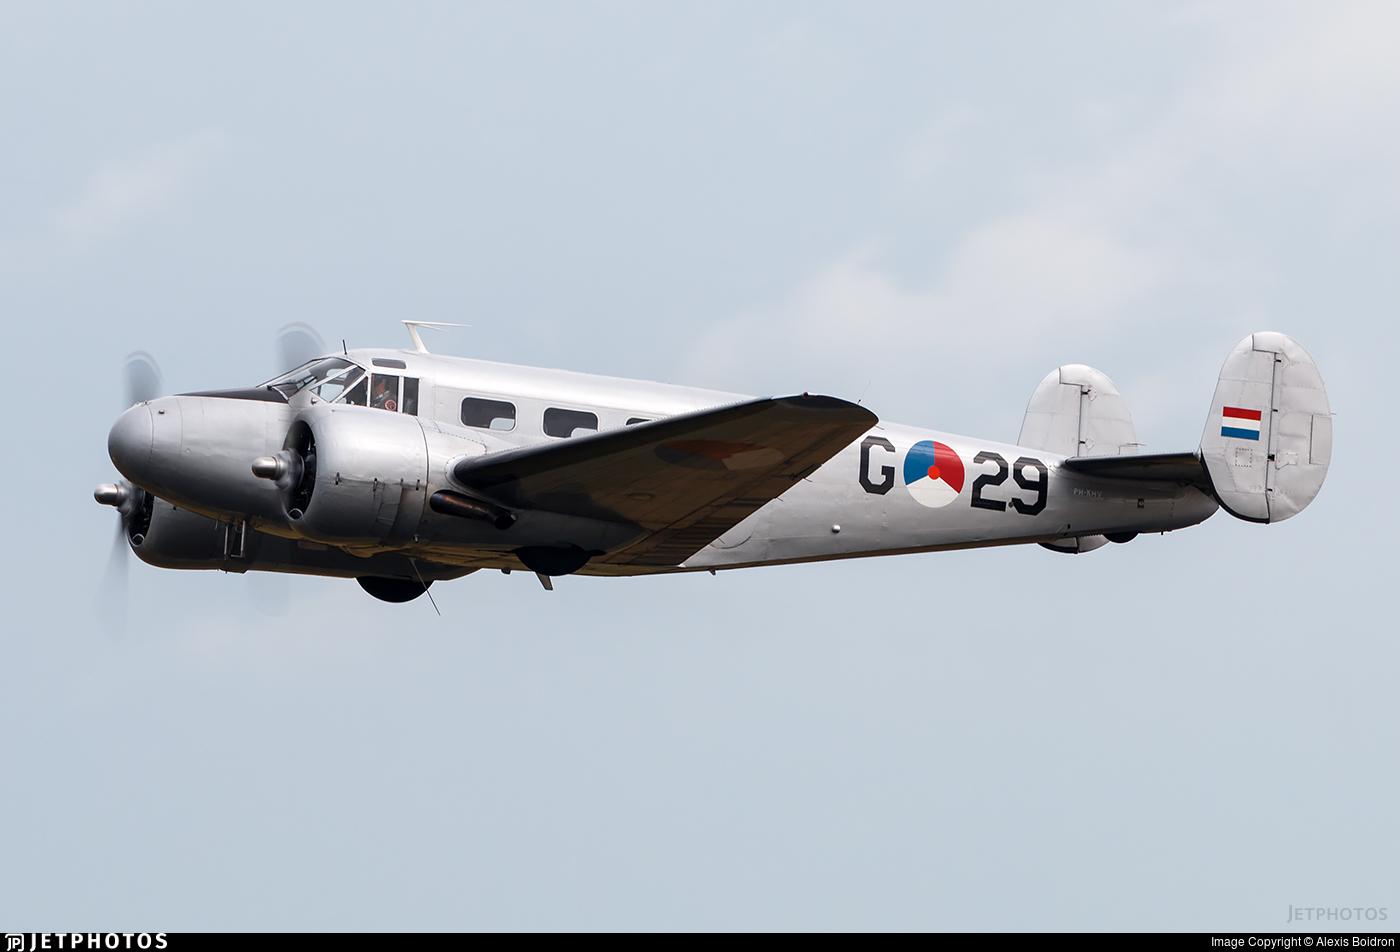 PH-KHV - Beech D18S - Netherlands - Air Force Historical Flight